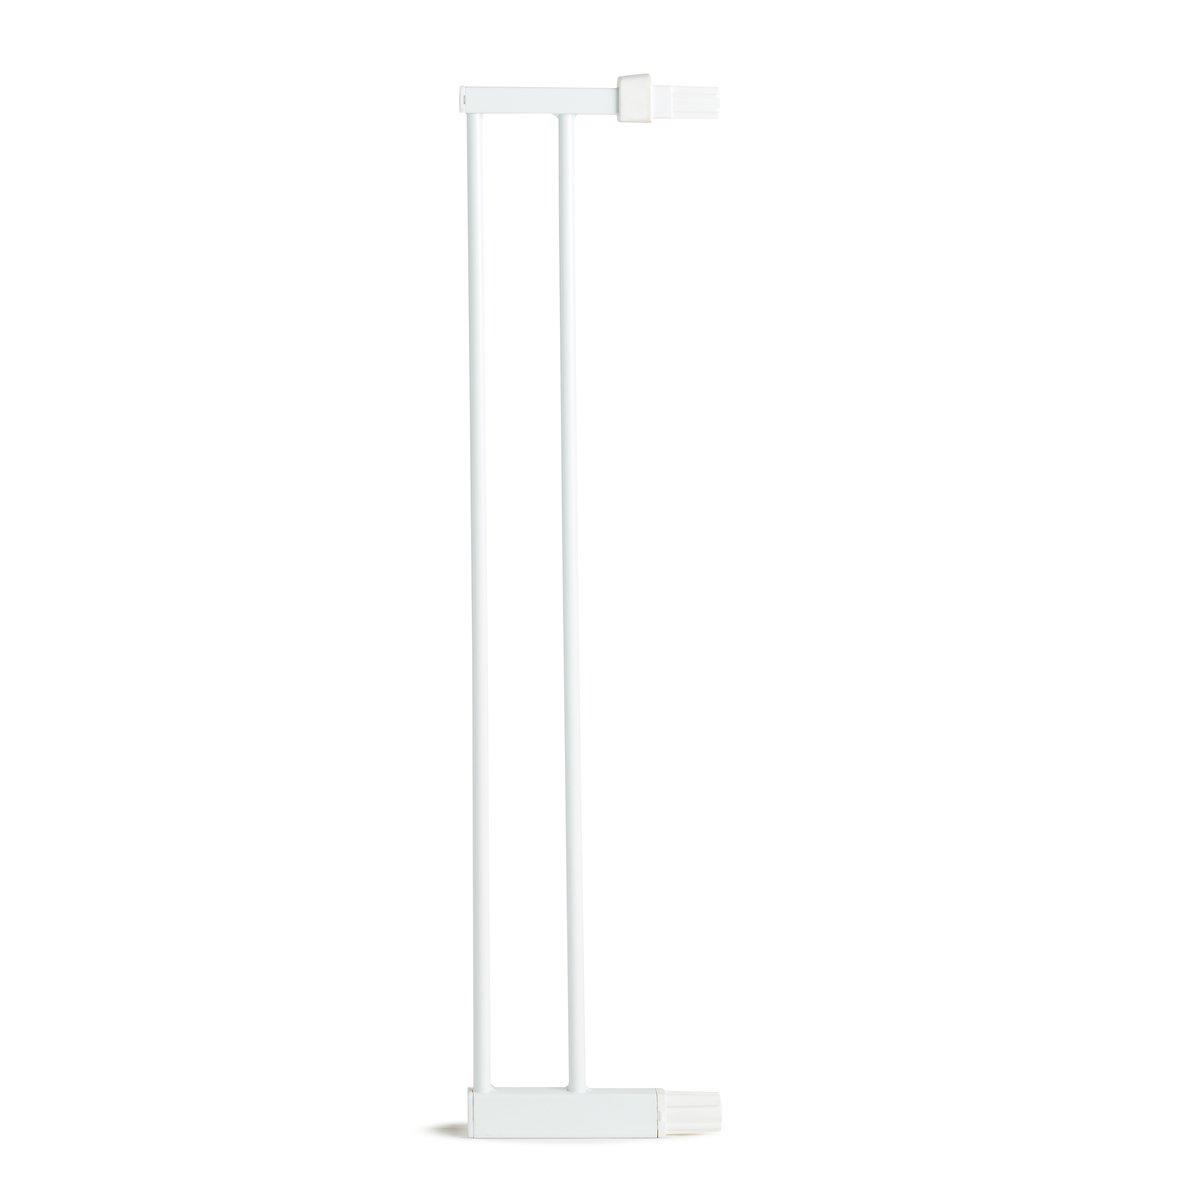 Munchkin - Extensión para barrera de seguridad (14 cm), color blanco product image